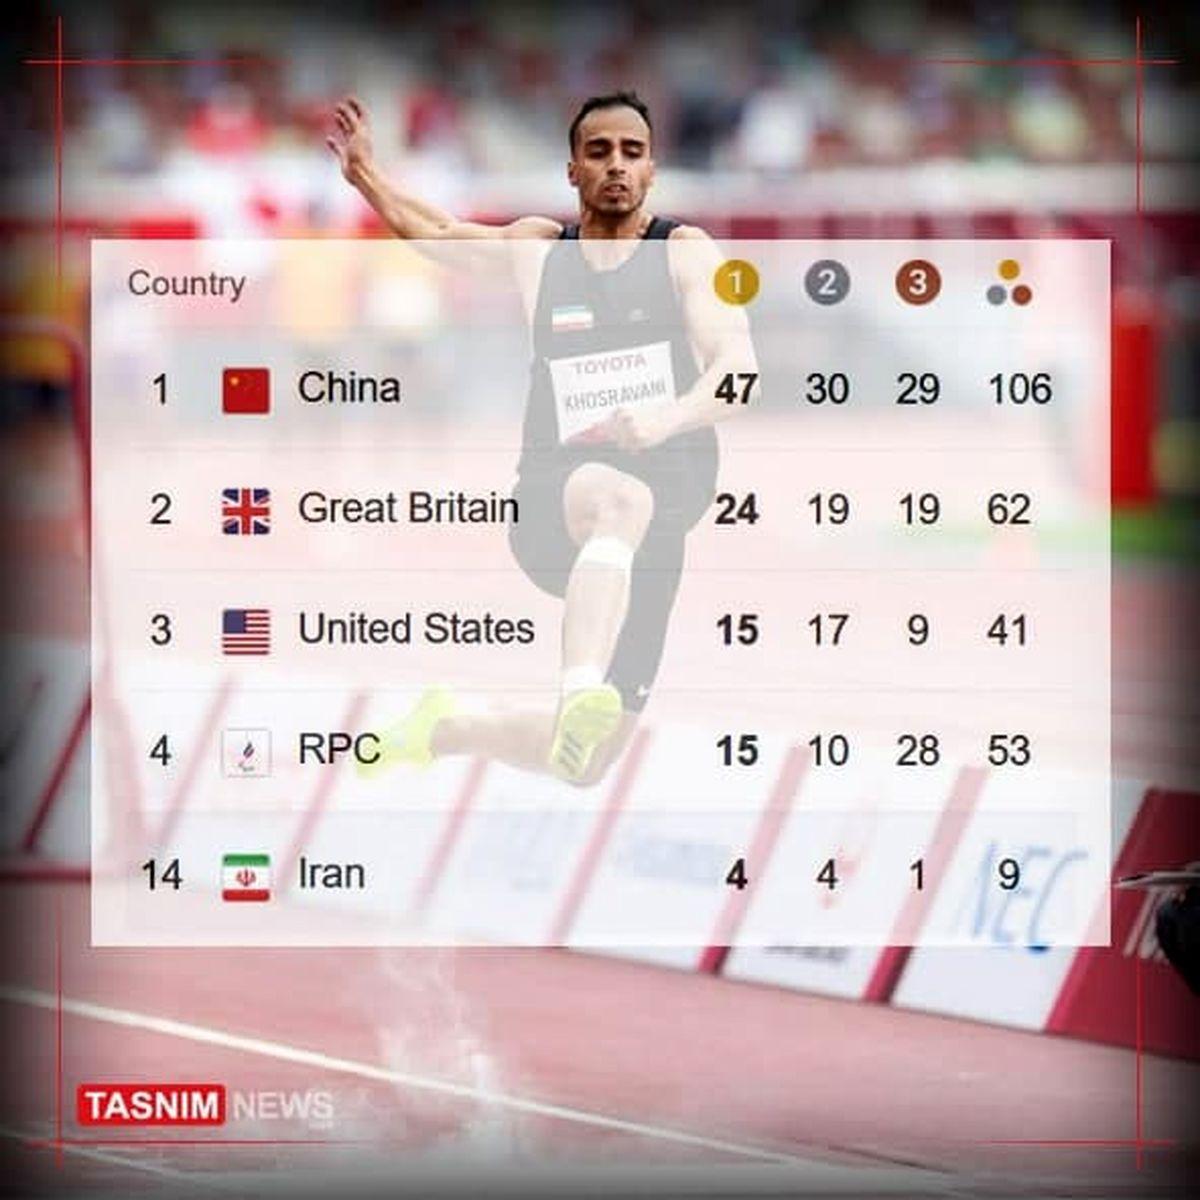 صعود ایران در جدول پارالمپیک+ جزئیات